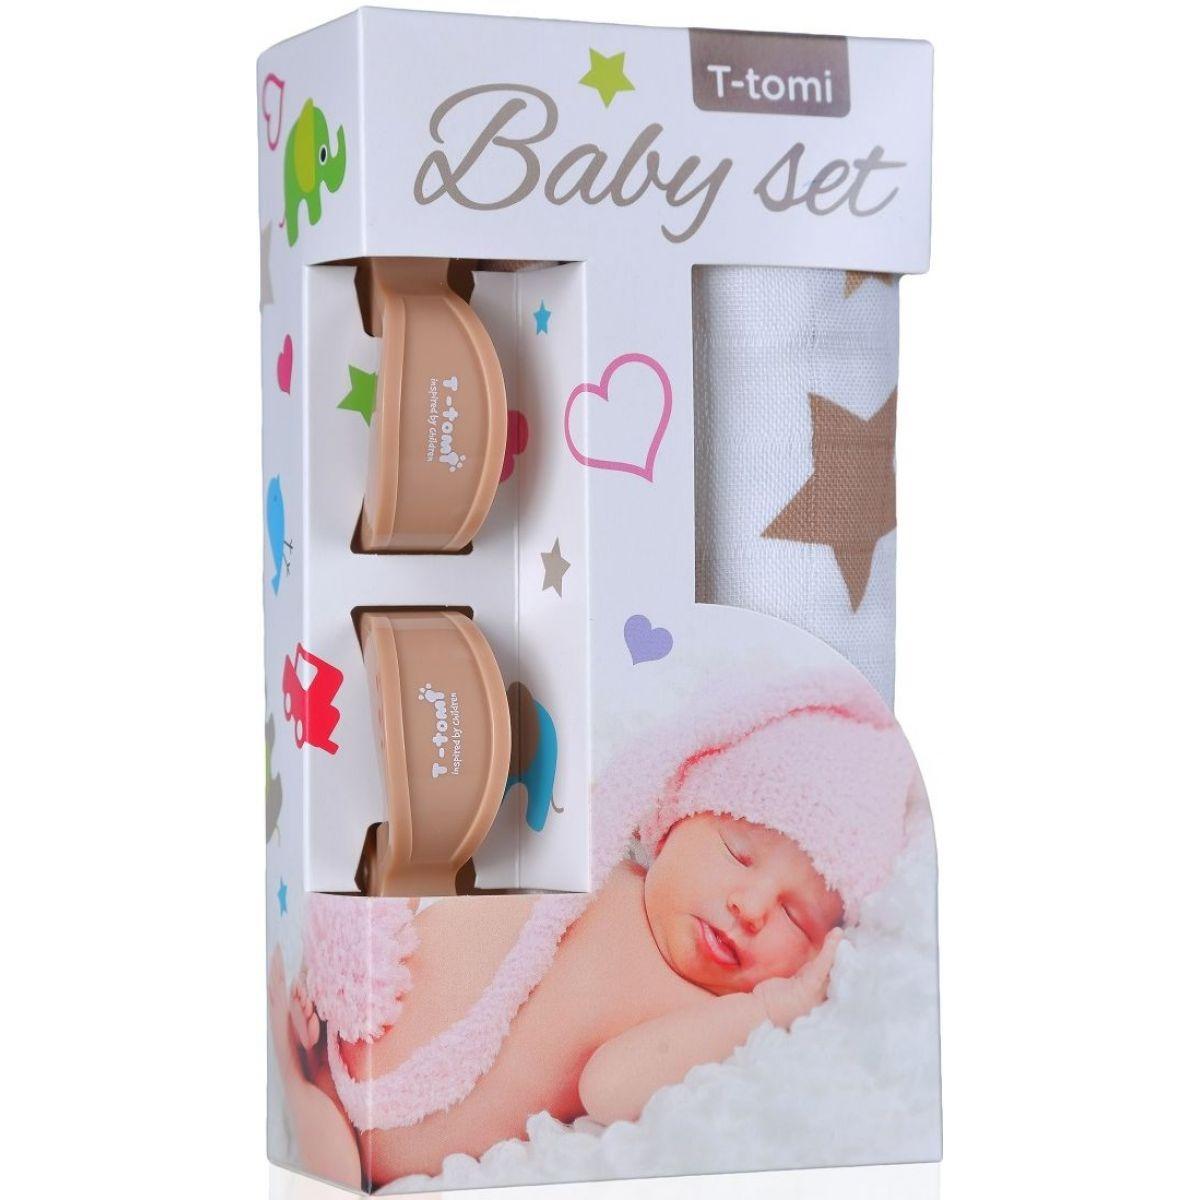 T-tomi Baby set Bambusová BIO osuška béžové hvězdičky a kočárkový kolíček béžový